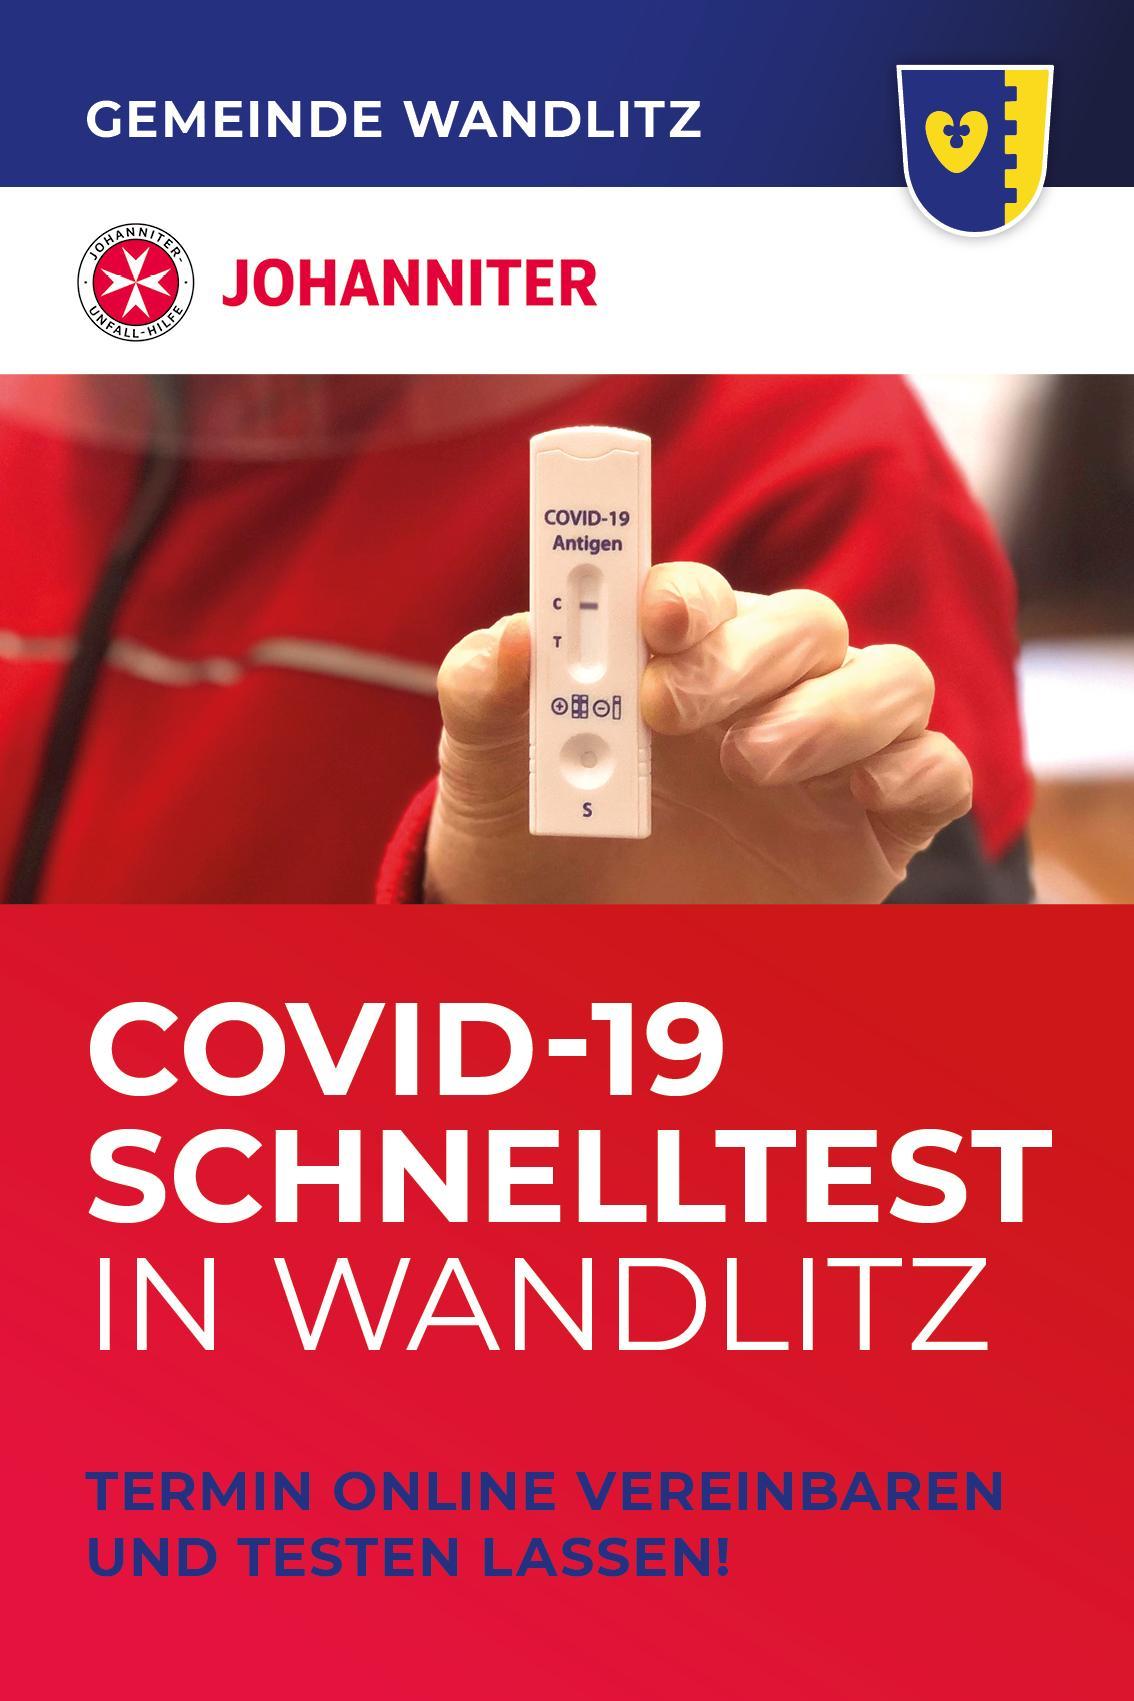 Gemeinde Wandlitz Corona Schnelltest